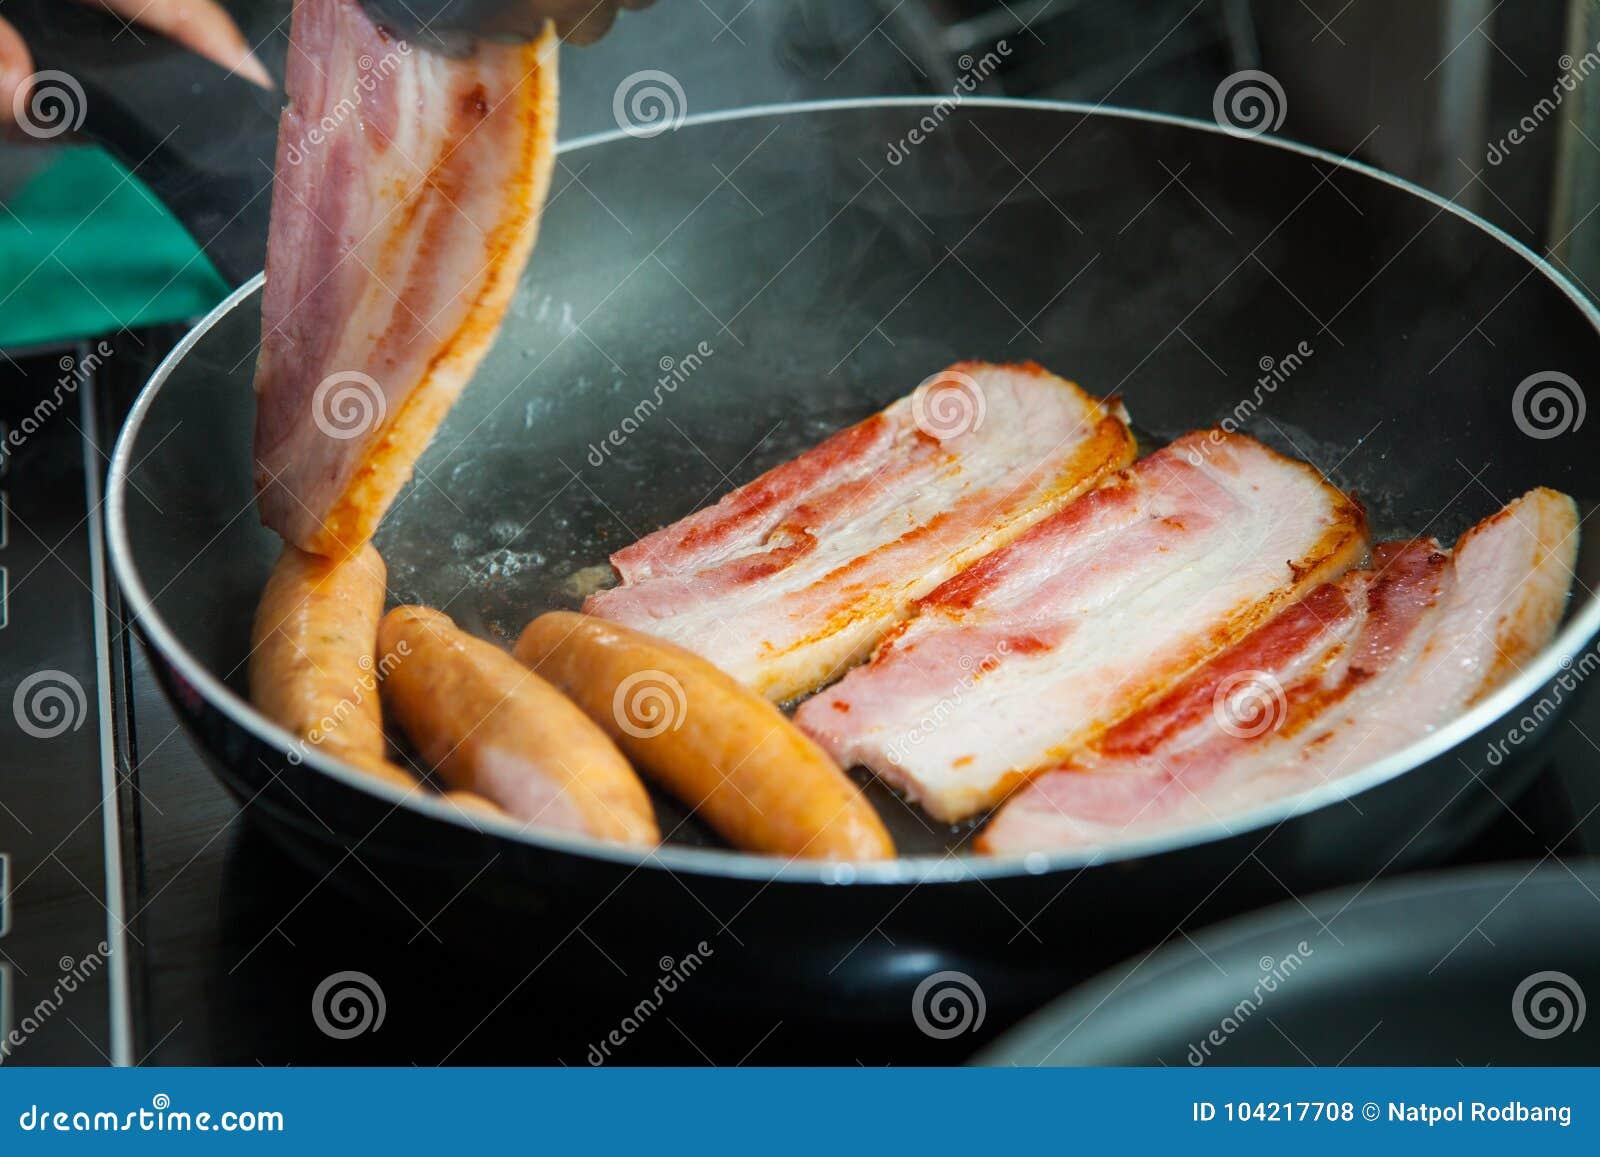 Gebratenes Schweinefleisch und Wurst, die in der Wanne kocht